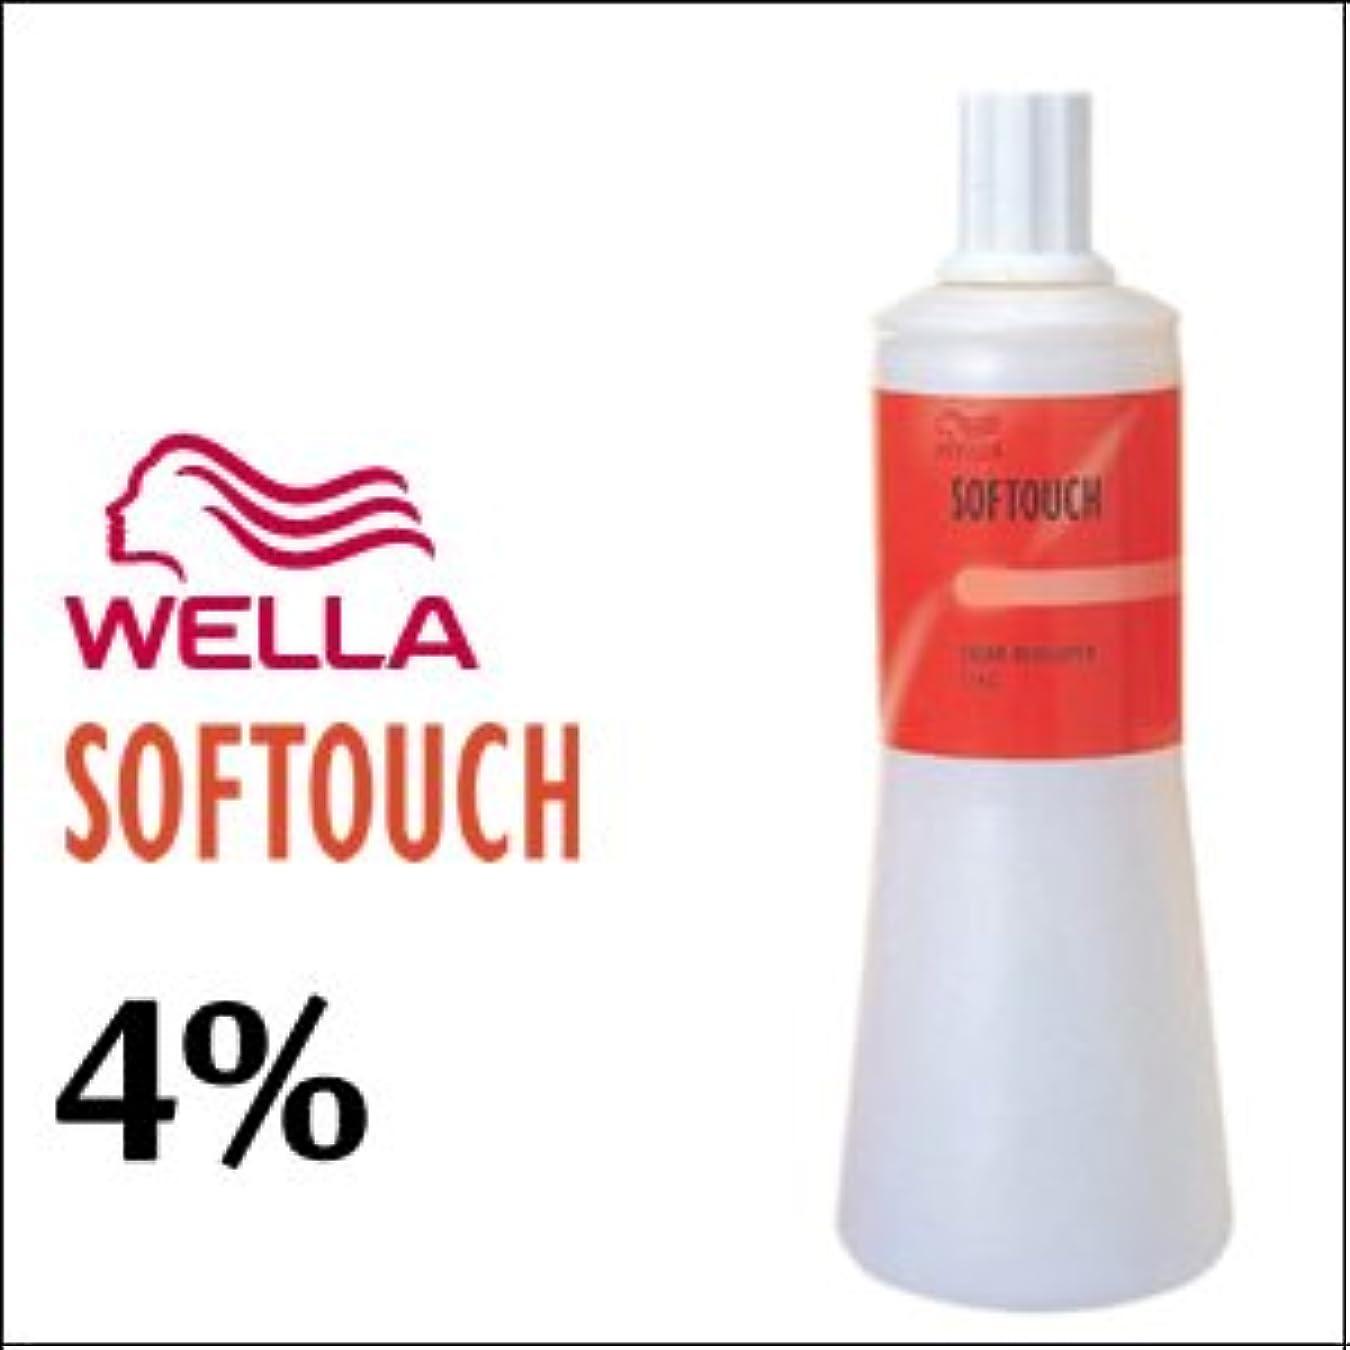 家畜分泌する生息地ウエラ ソフタッチ クリームディベロッパー 4% 1L